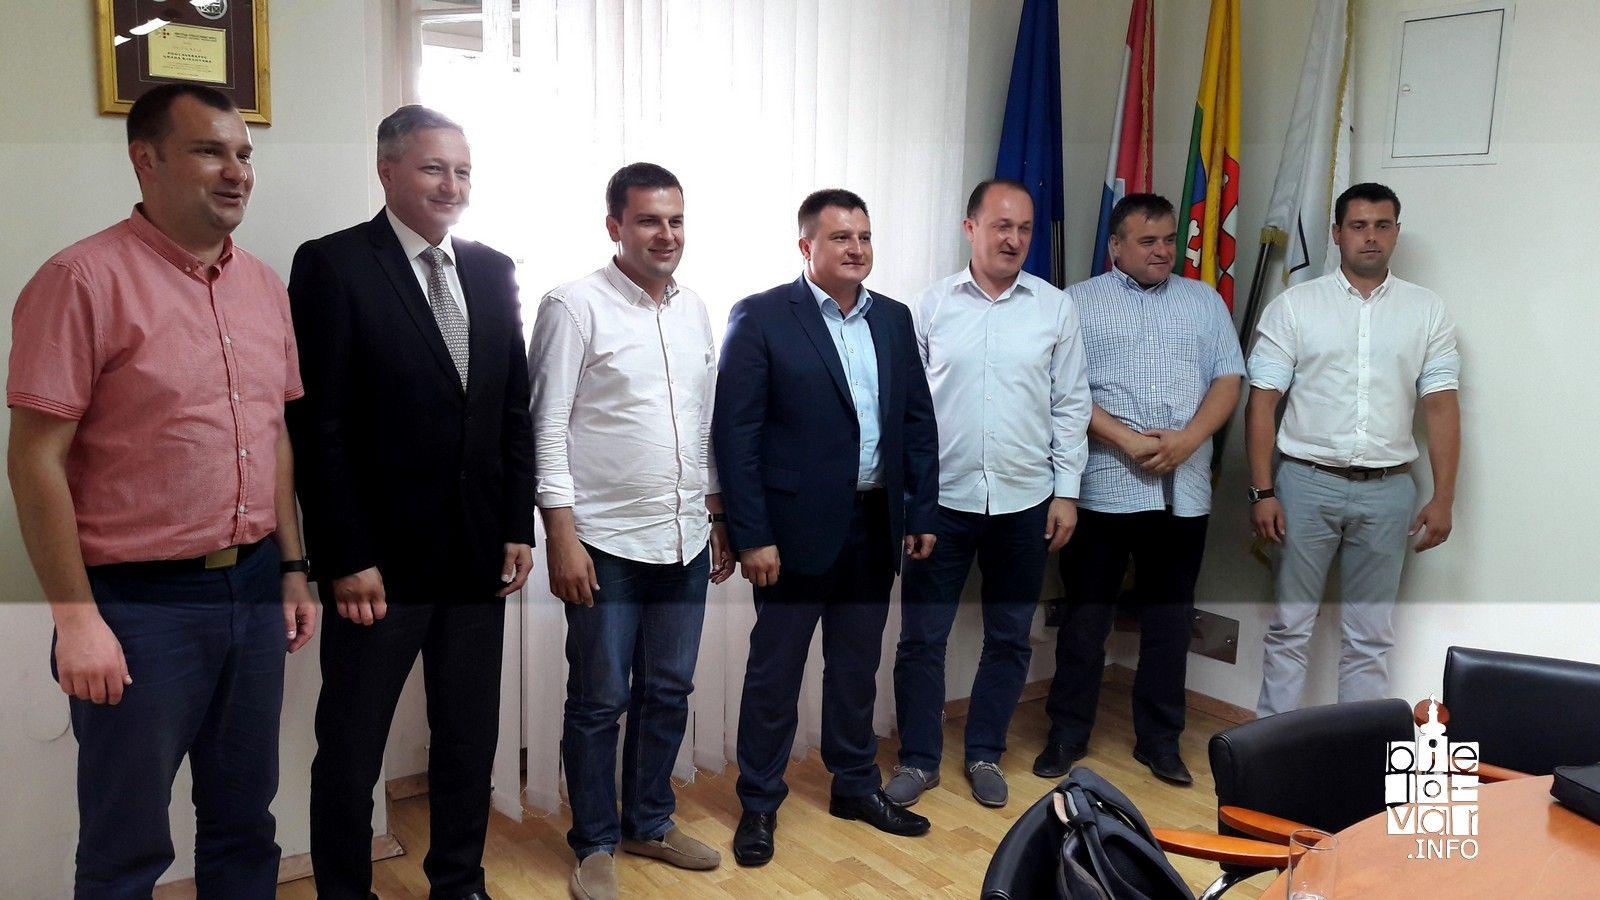 U Gradu Bjelovaru održan prvi sastanak gradonačelnika s područja Bjelovarsko-bilogorske županije na kojem su se našle i teme o stanju Elektrometala i financijskom poslovanju Bjelovarskog sajma